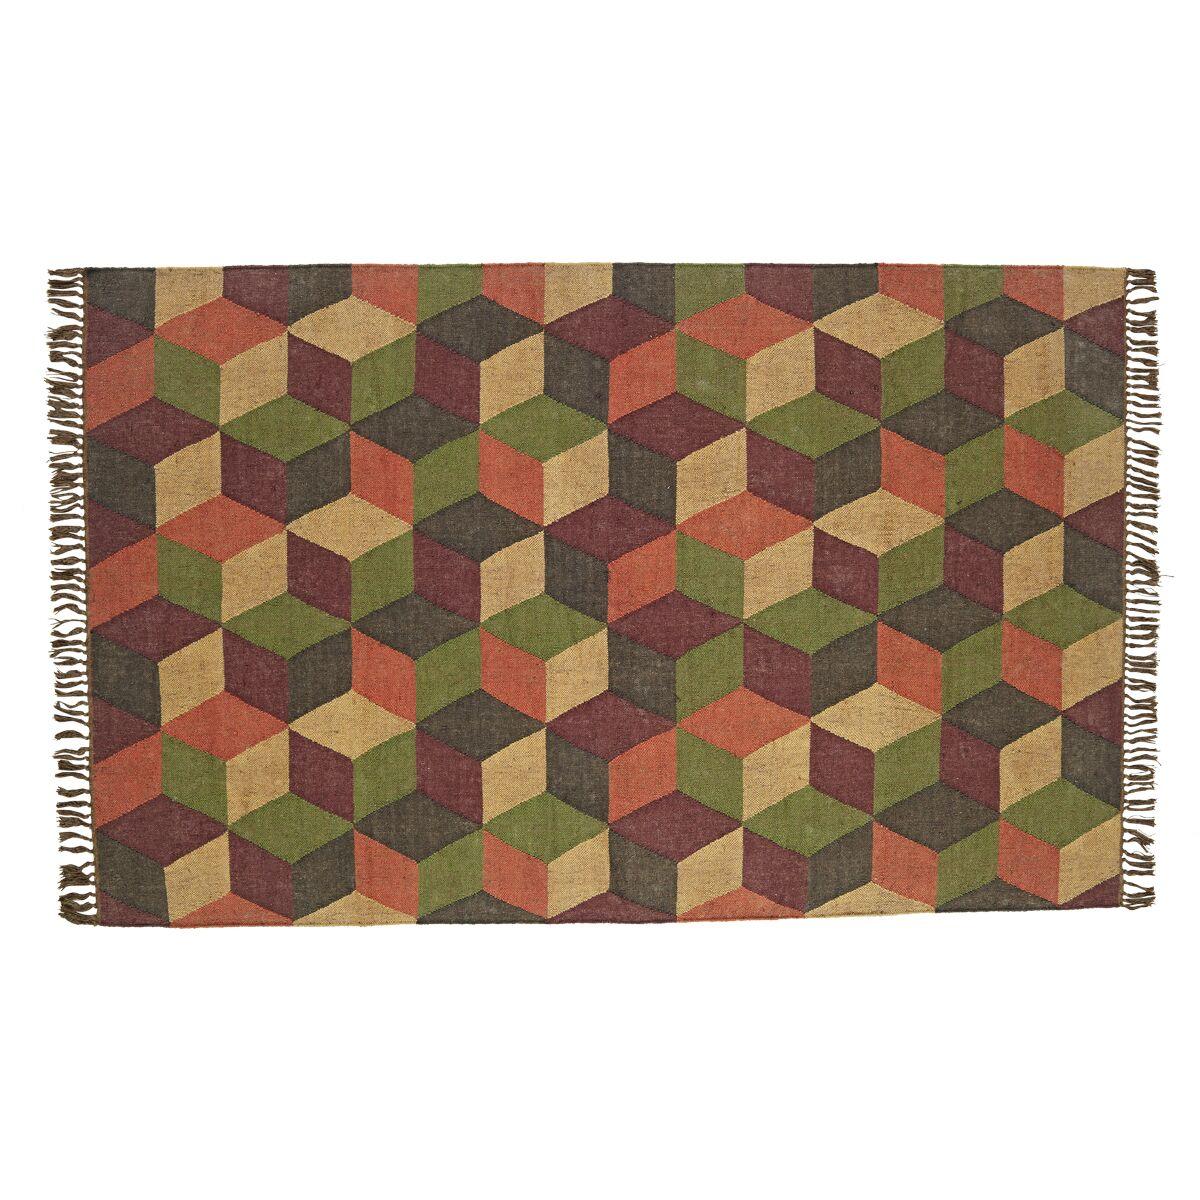 Antigone Area Rug Rug Size: 5' x 8'